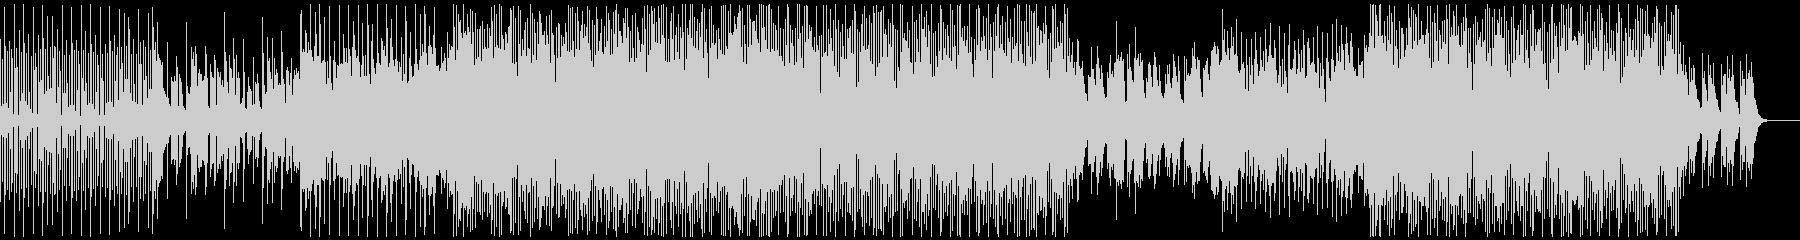 ハウスミュージック1の未再生の波形